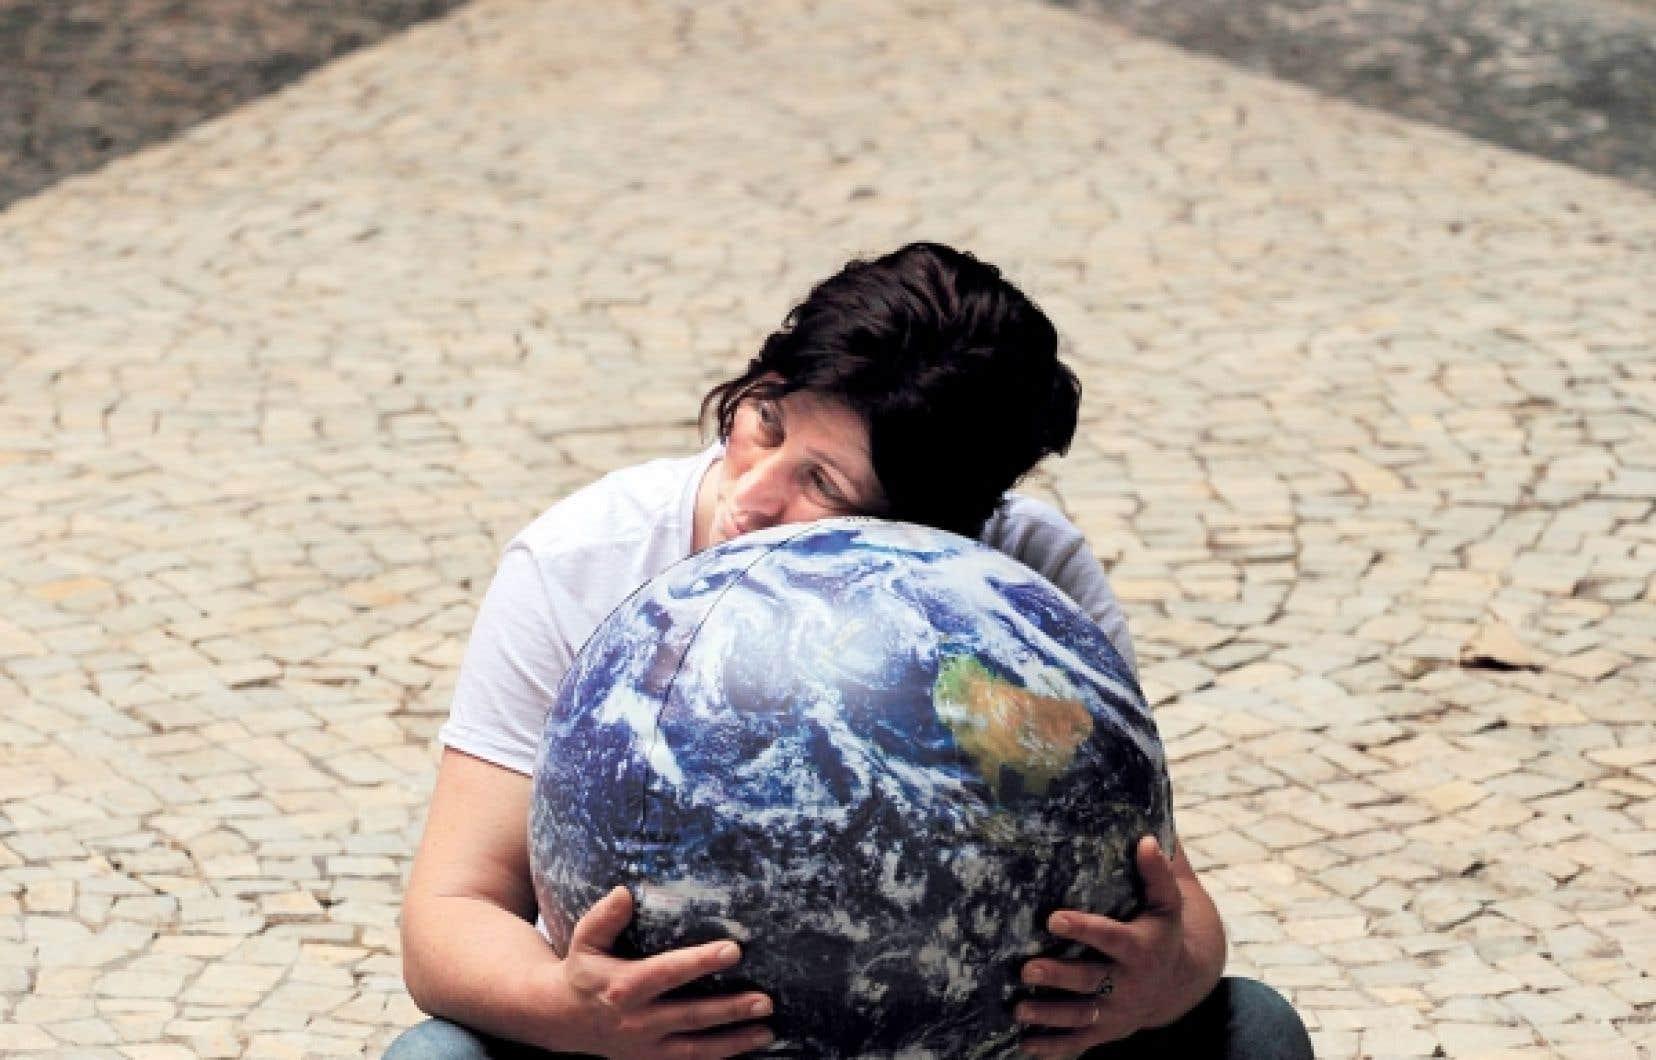 Quelque 50 000 environnementalistes, indigènes et altermondialistes sont réunis au parc Flamengo, au centre de Rio, pour ce qu'il est convenu d'appeler le « sommet parallèle » de la société civile. On y conteste sérieusement le concept d'« économie verte » mis de l'avant par l'ONU, qui jouit de l'appui des multinationales.